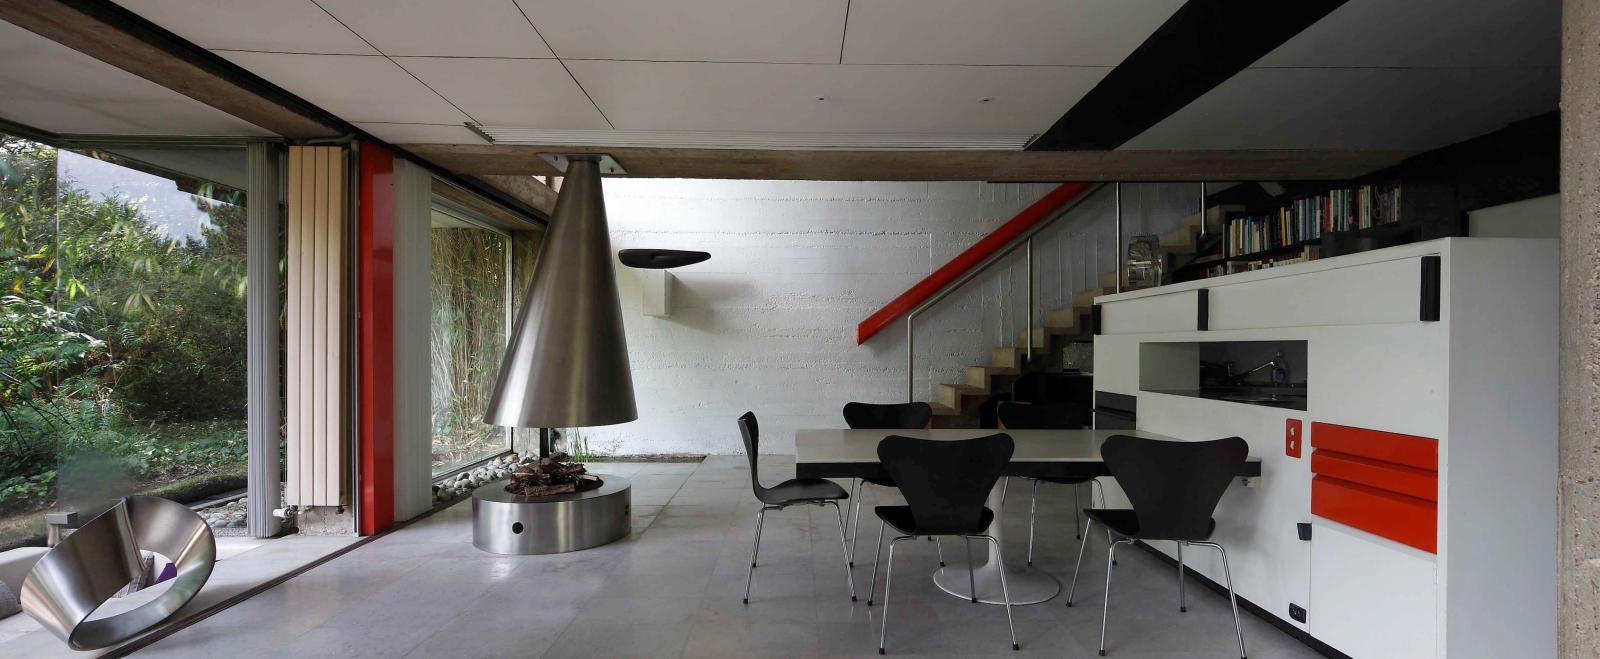 La cheminée du séjour a été dessinée par Marta Pan, ainsi que la rampe de l'escalier. Sur le mur du fond, Ébène, la première sculpture en bois réalisé